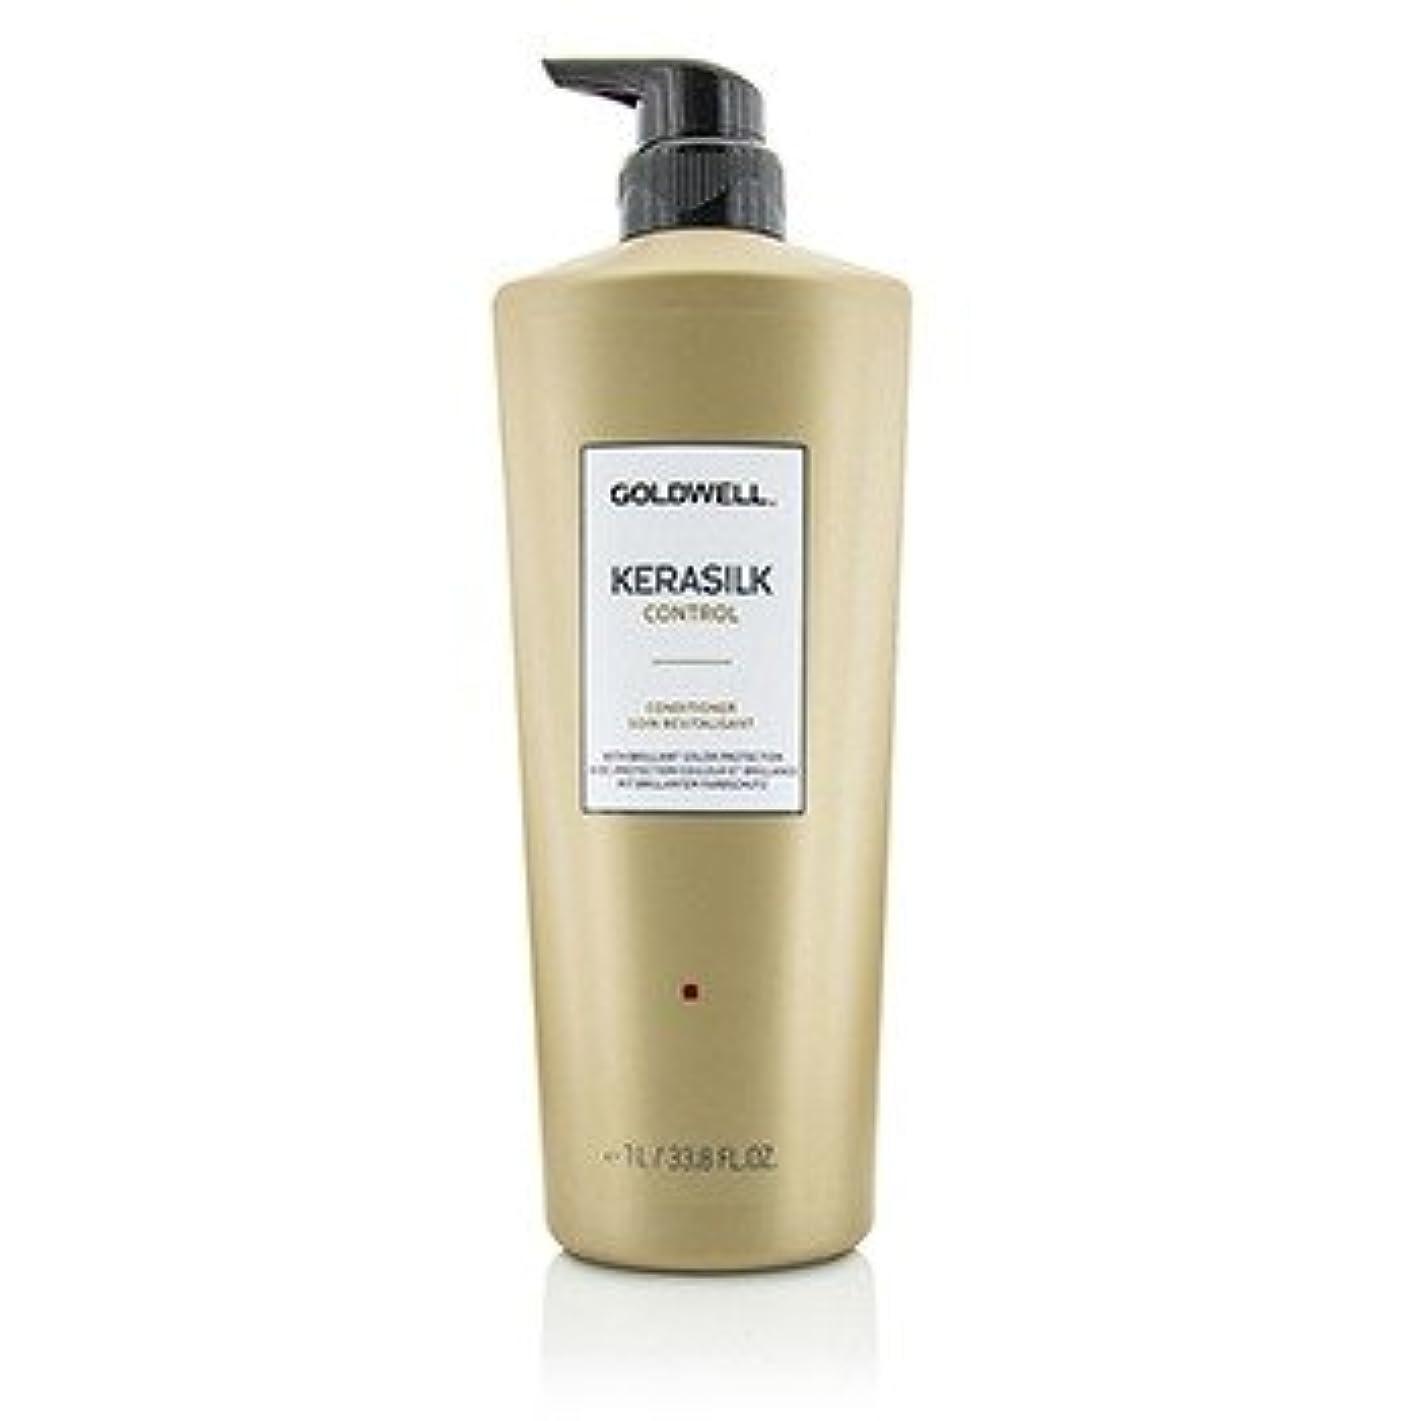 行為応用刻む[Goldwell] Kerasilk Control Conditioner (For Unmanageable Unruly and Frizzy Hair) 200ml/6.7oz